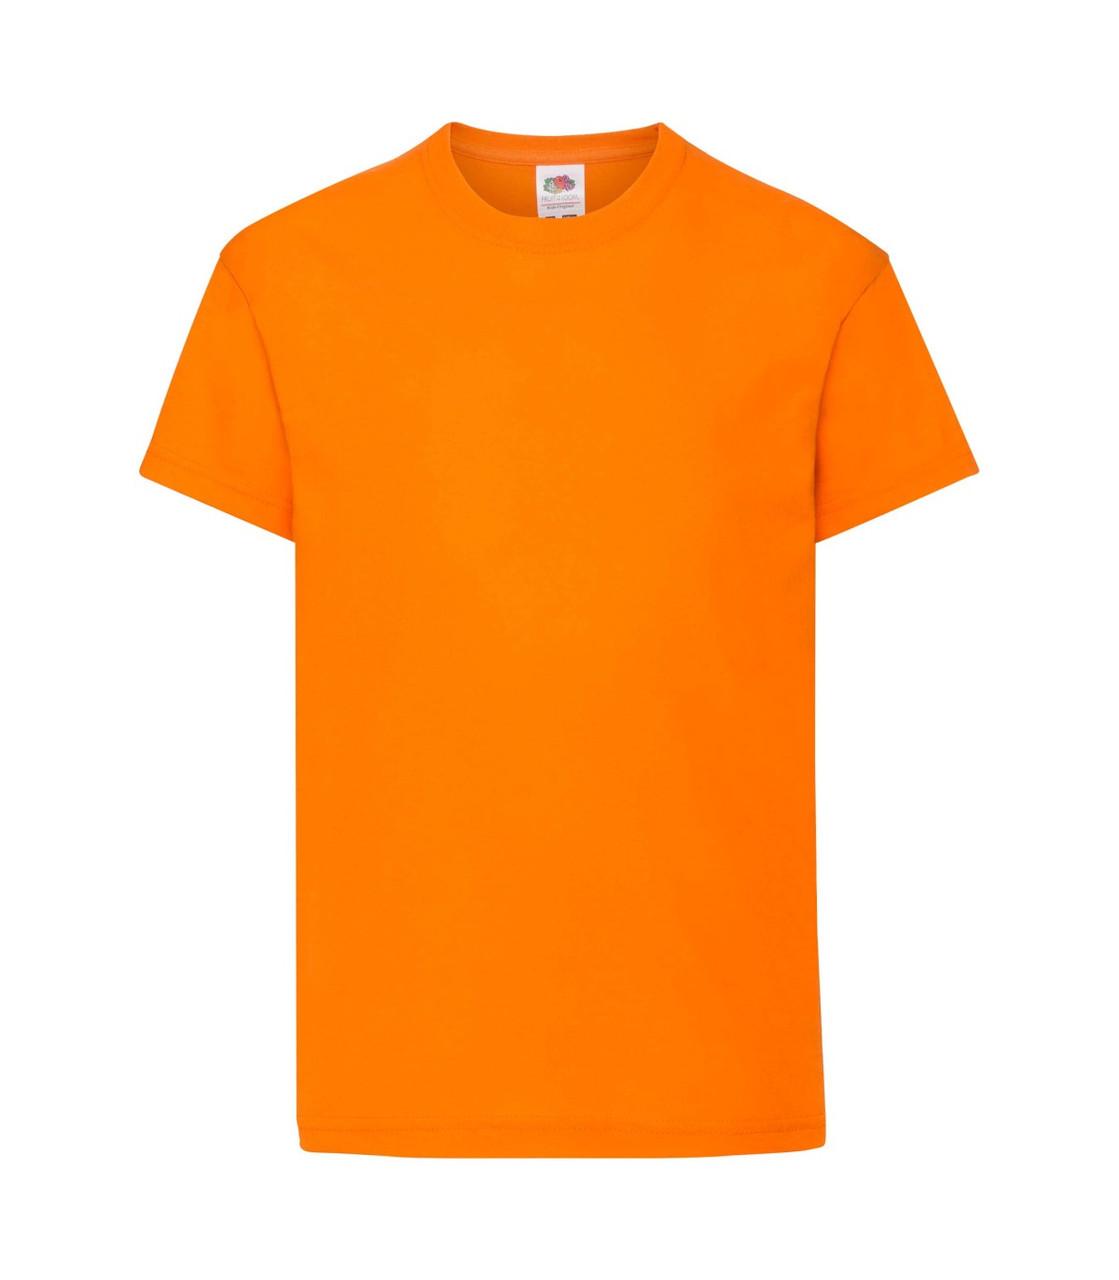 Футболка для мальчиков хлопок оранжевая 019-44